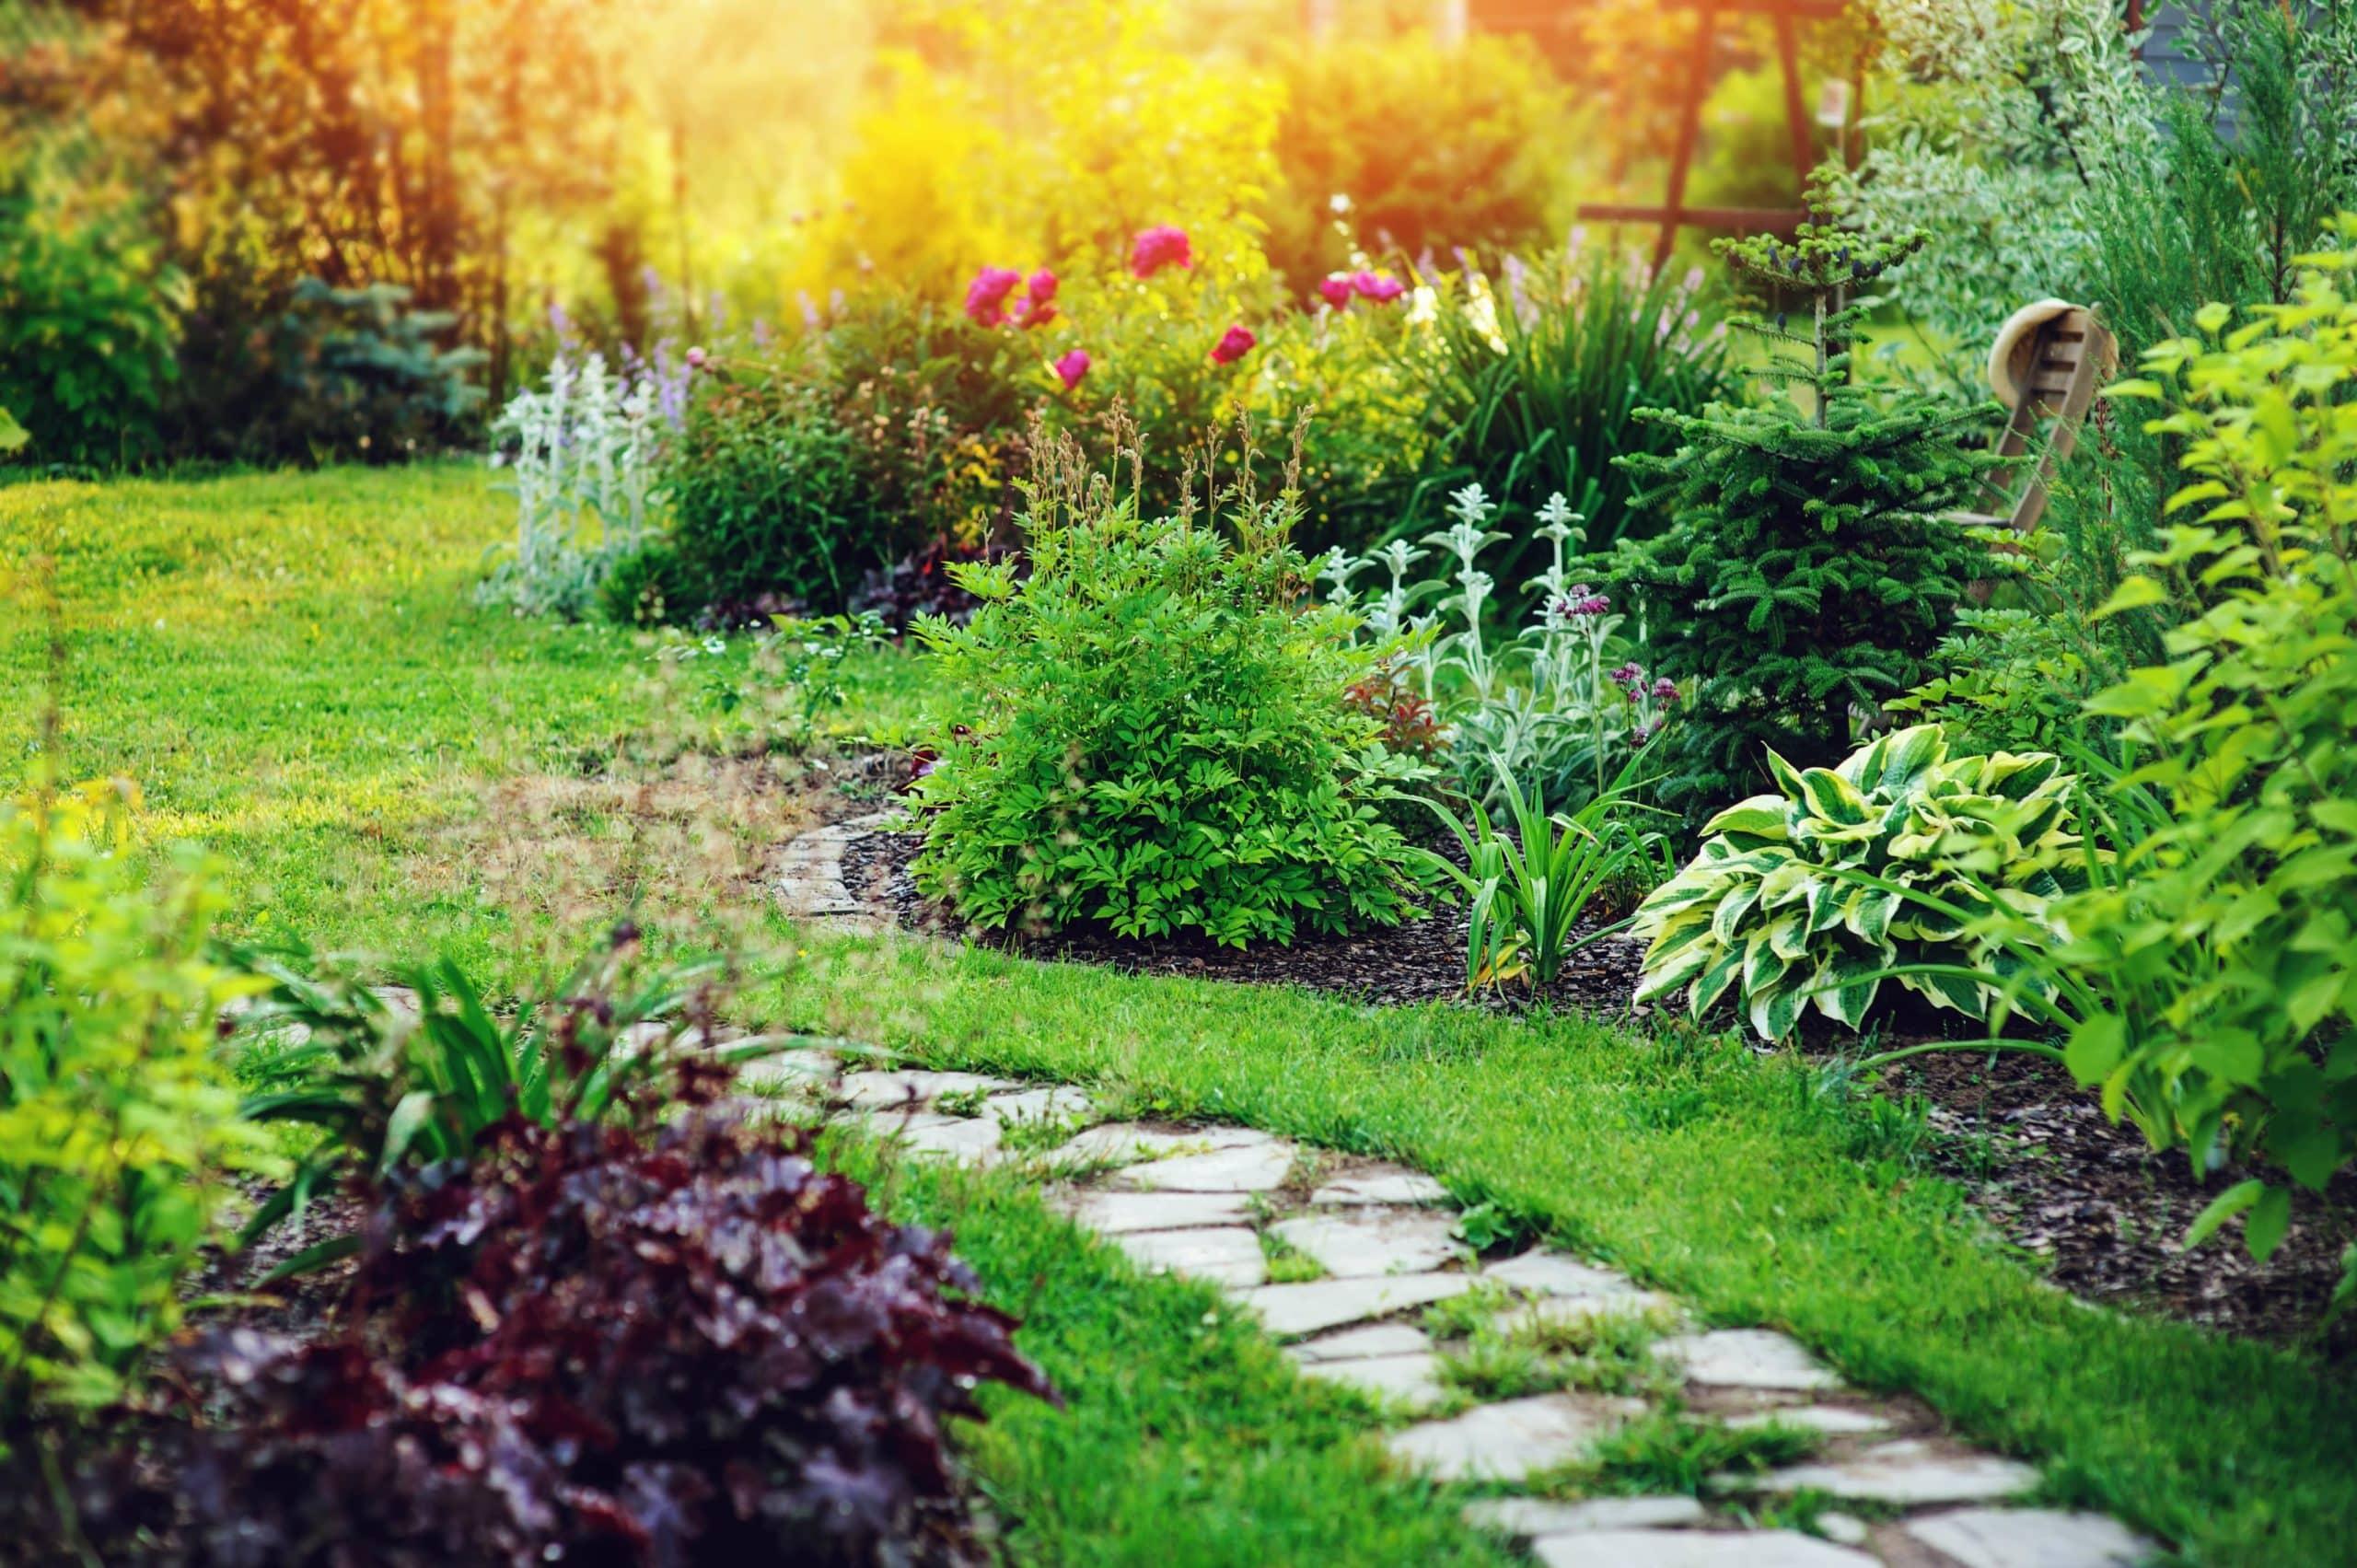 Obrzeża trawnikowe – nowy trend w urządzaniu ogrodu 1